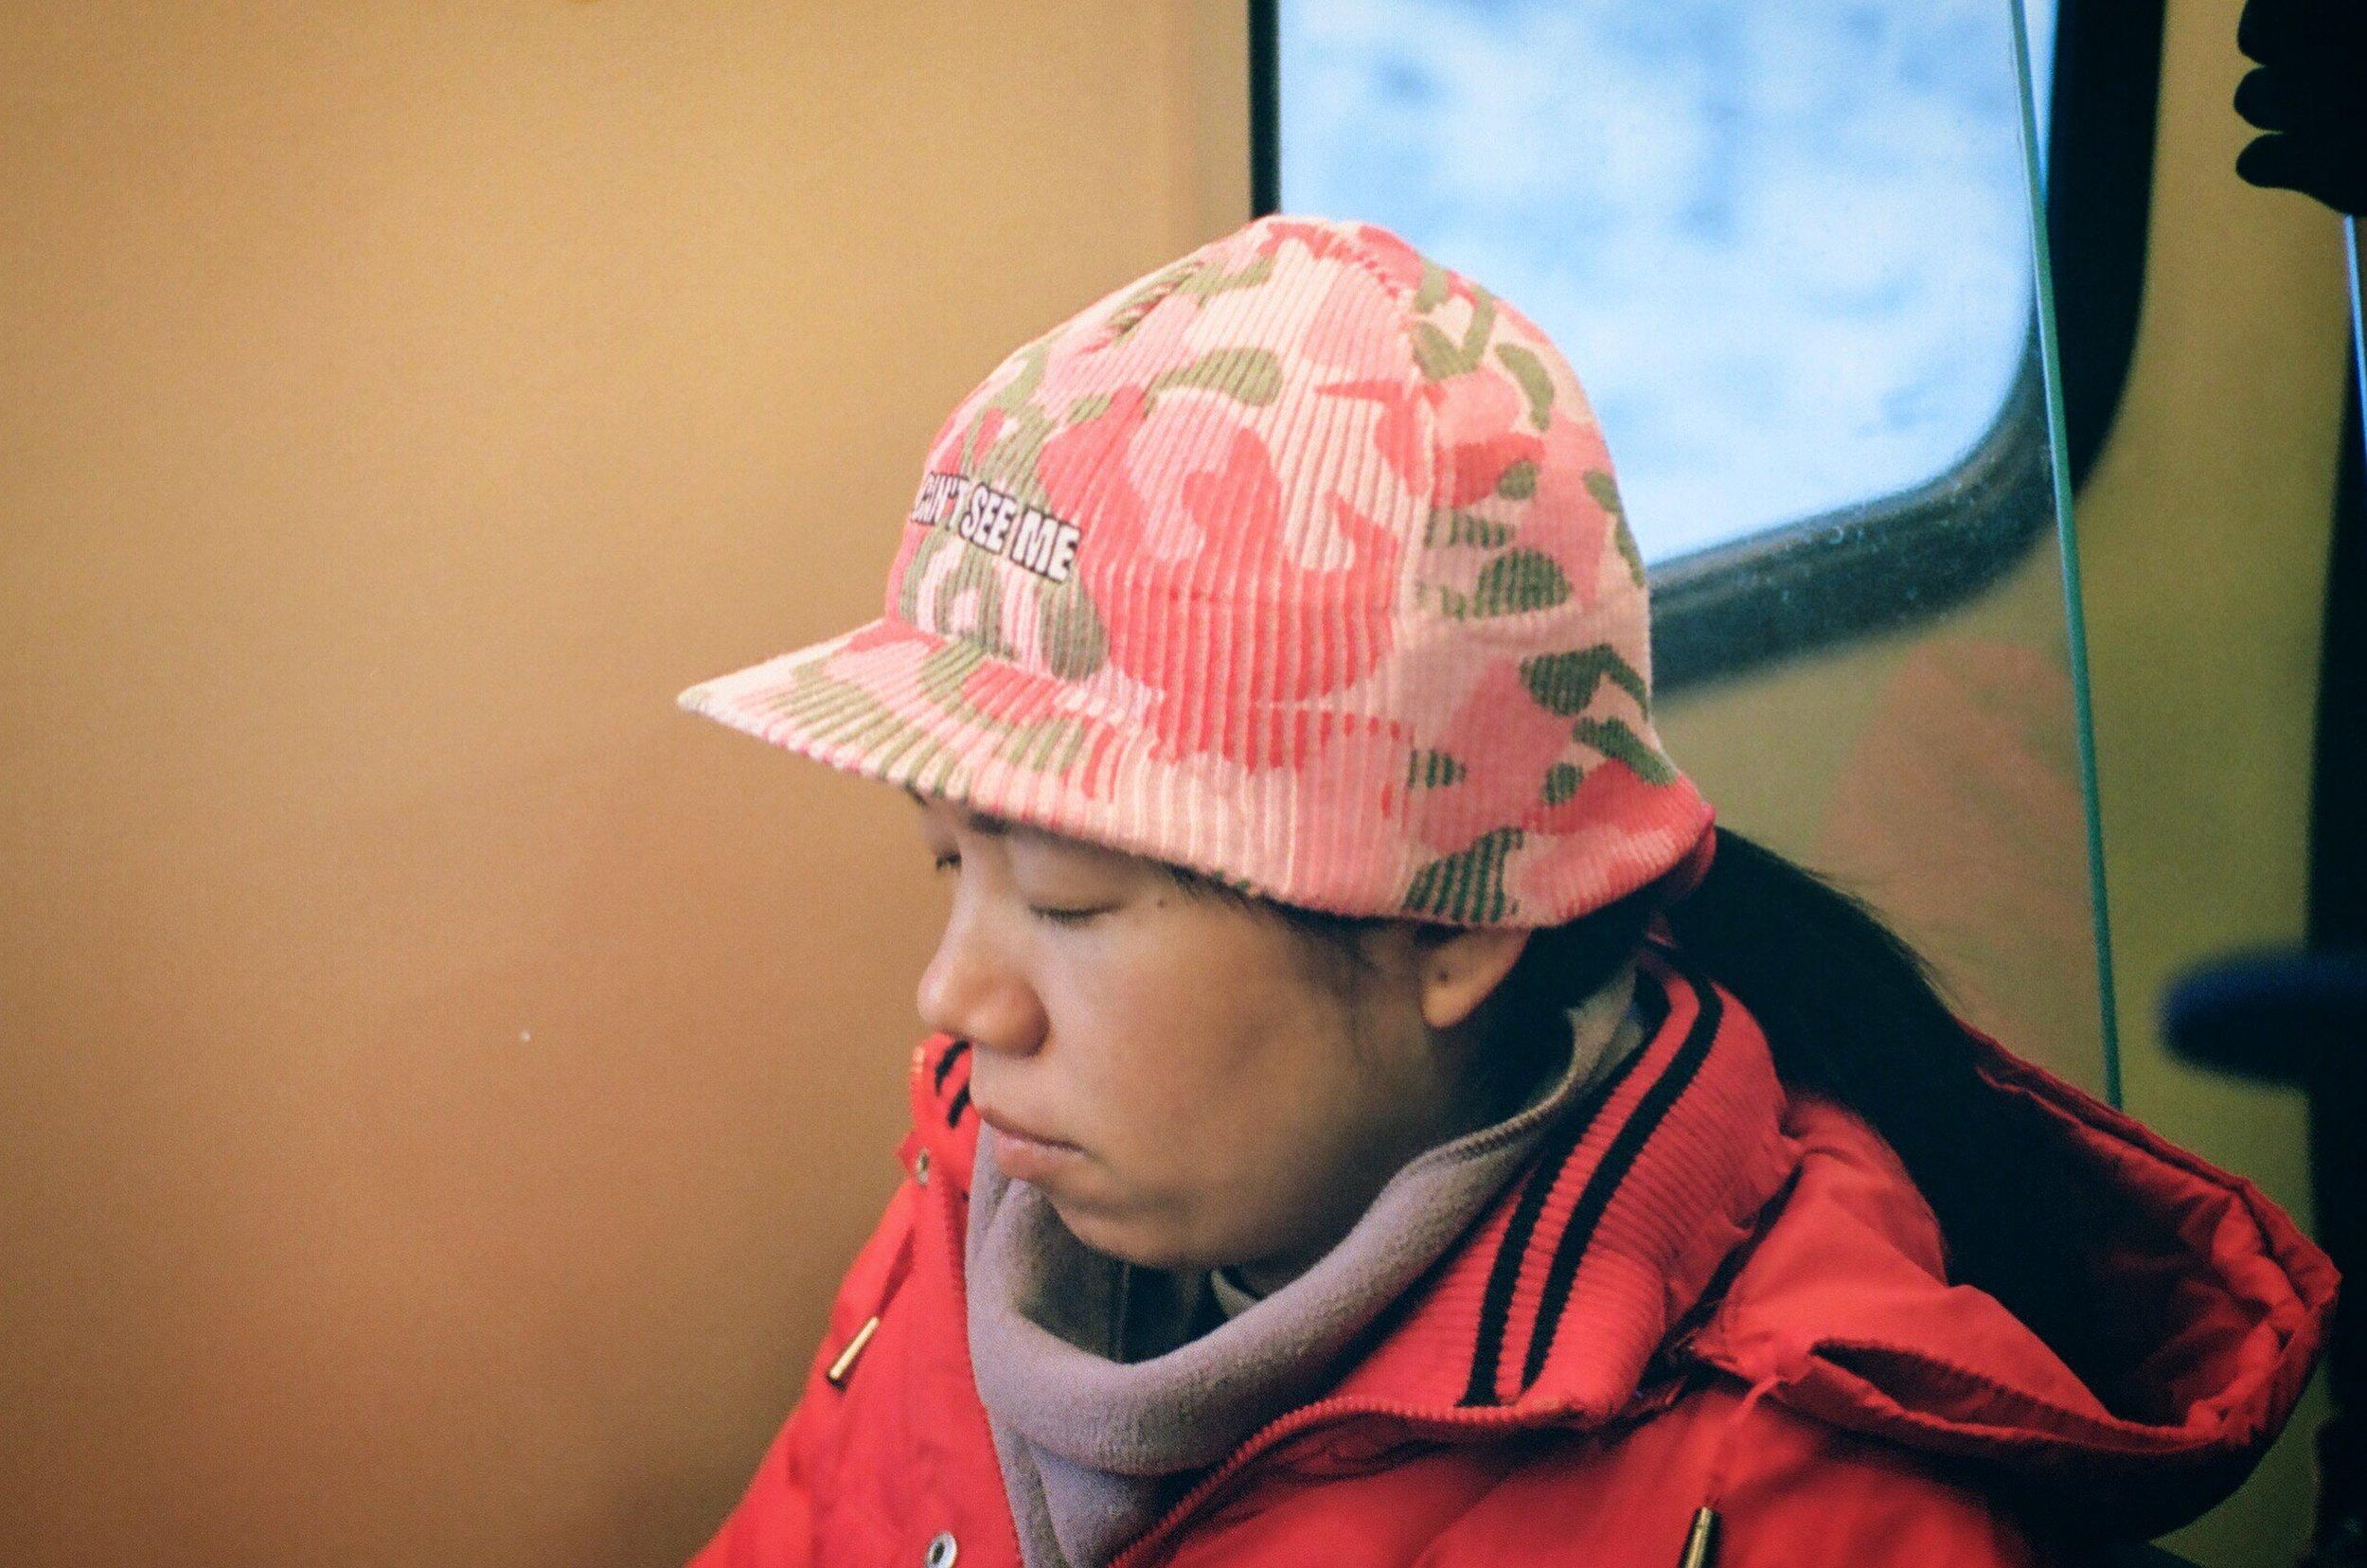 FloryHuang_YouCantSeeMe_IMG_1266.JPG